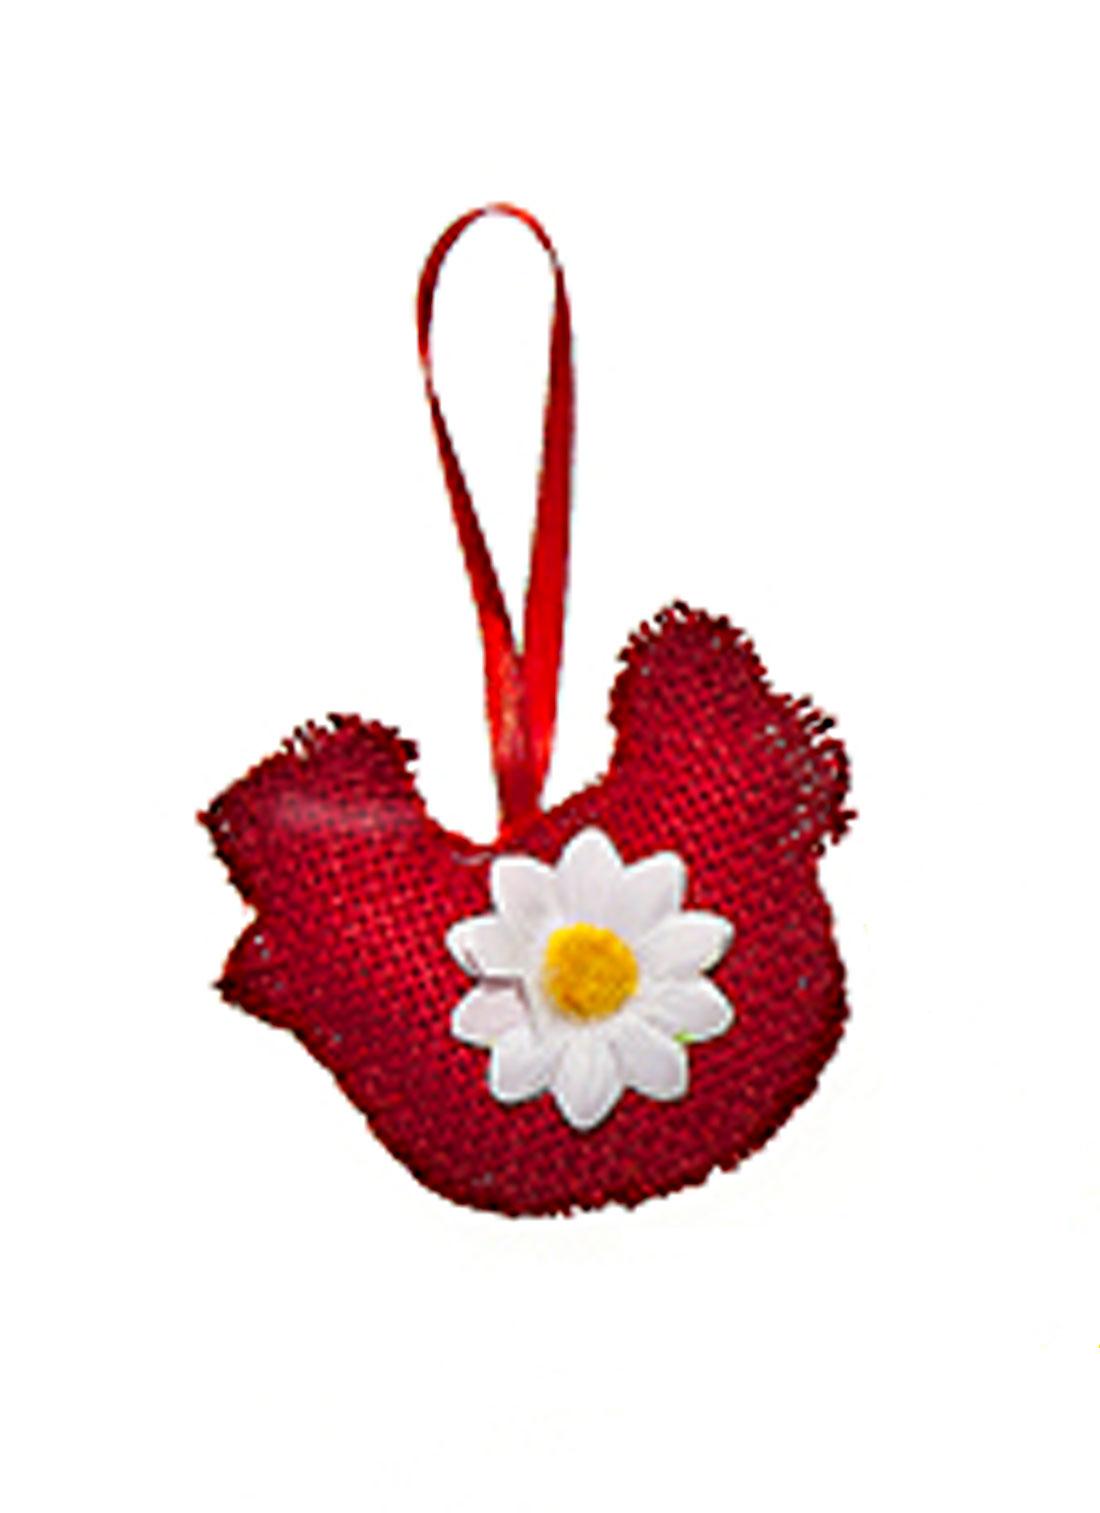 Декоративное подвесное украшение Home Queen Курочка, цвет: красный64428_1Подвесное украшение Home Queen Курочка, выполненное в виде курицы, изготовлено из полиэстера и декорировано текстильным цветком. Изделие оснащено петелькой для подвешивания. Такое украшение прекрасно оформит интерьер дома или станет замечательным подарком для друзей и близких на Пасху. Размер: 8,5 см х 9 см х 2 см.